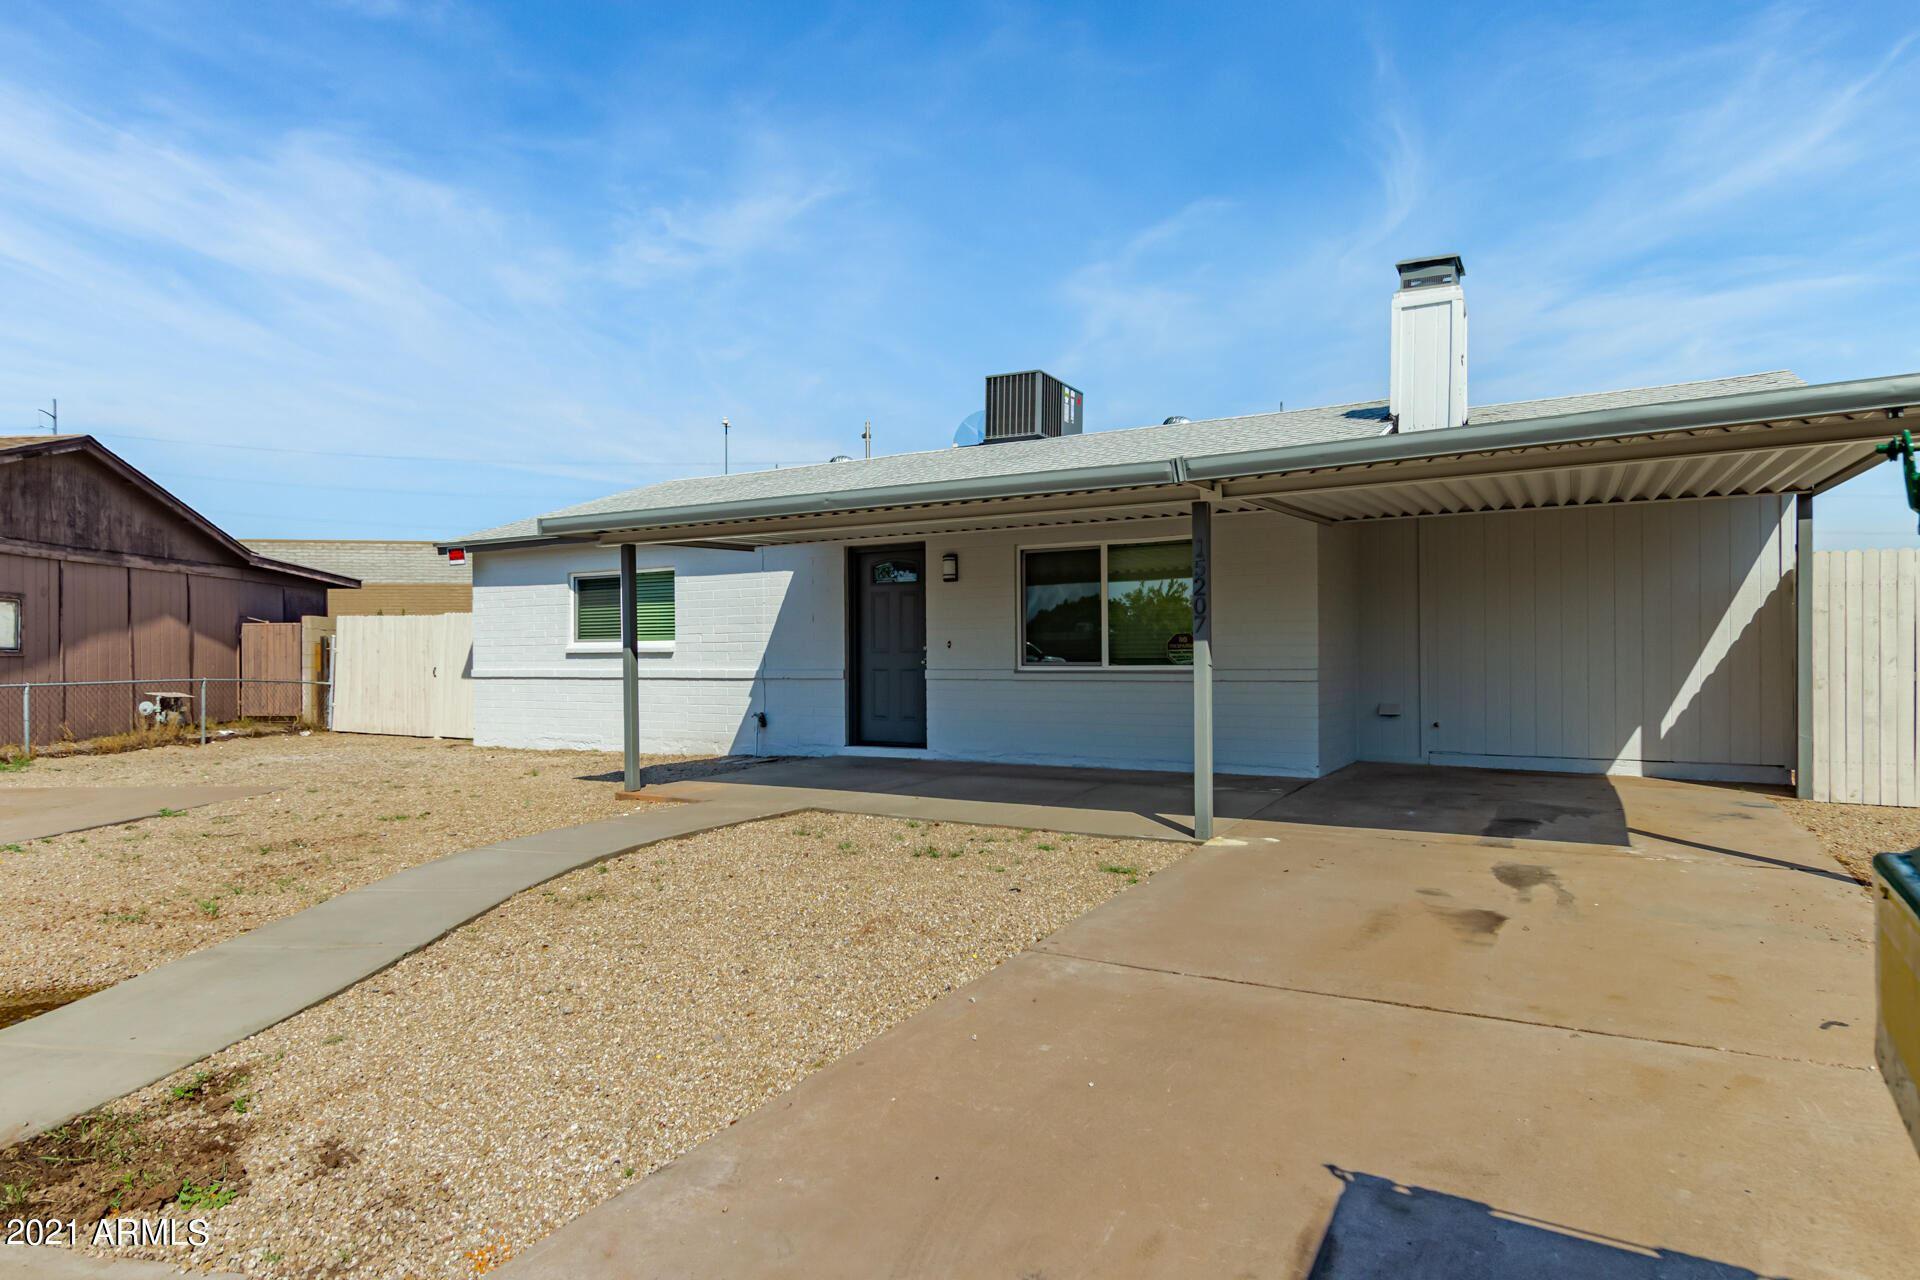 15207 N 27TH Drive, Phoenix, AZ 85053 - MLS#: 6271677